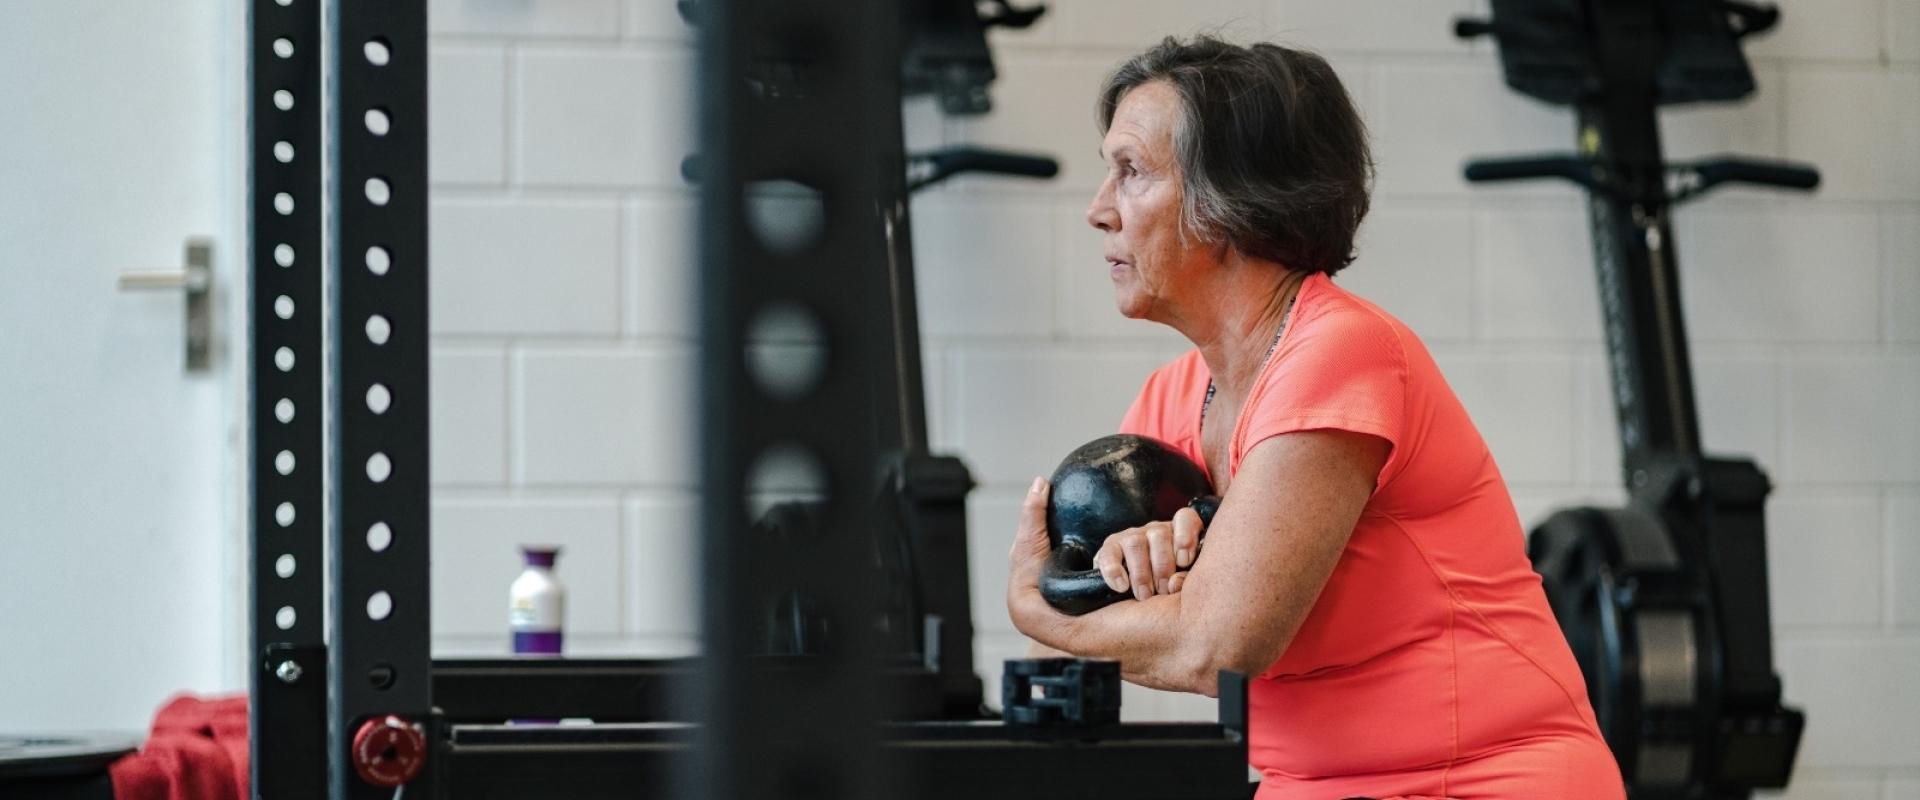 Niemand is te oud om te sporten: start nu met werken aan je gezondheid!